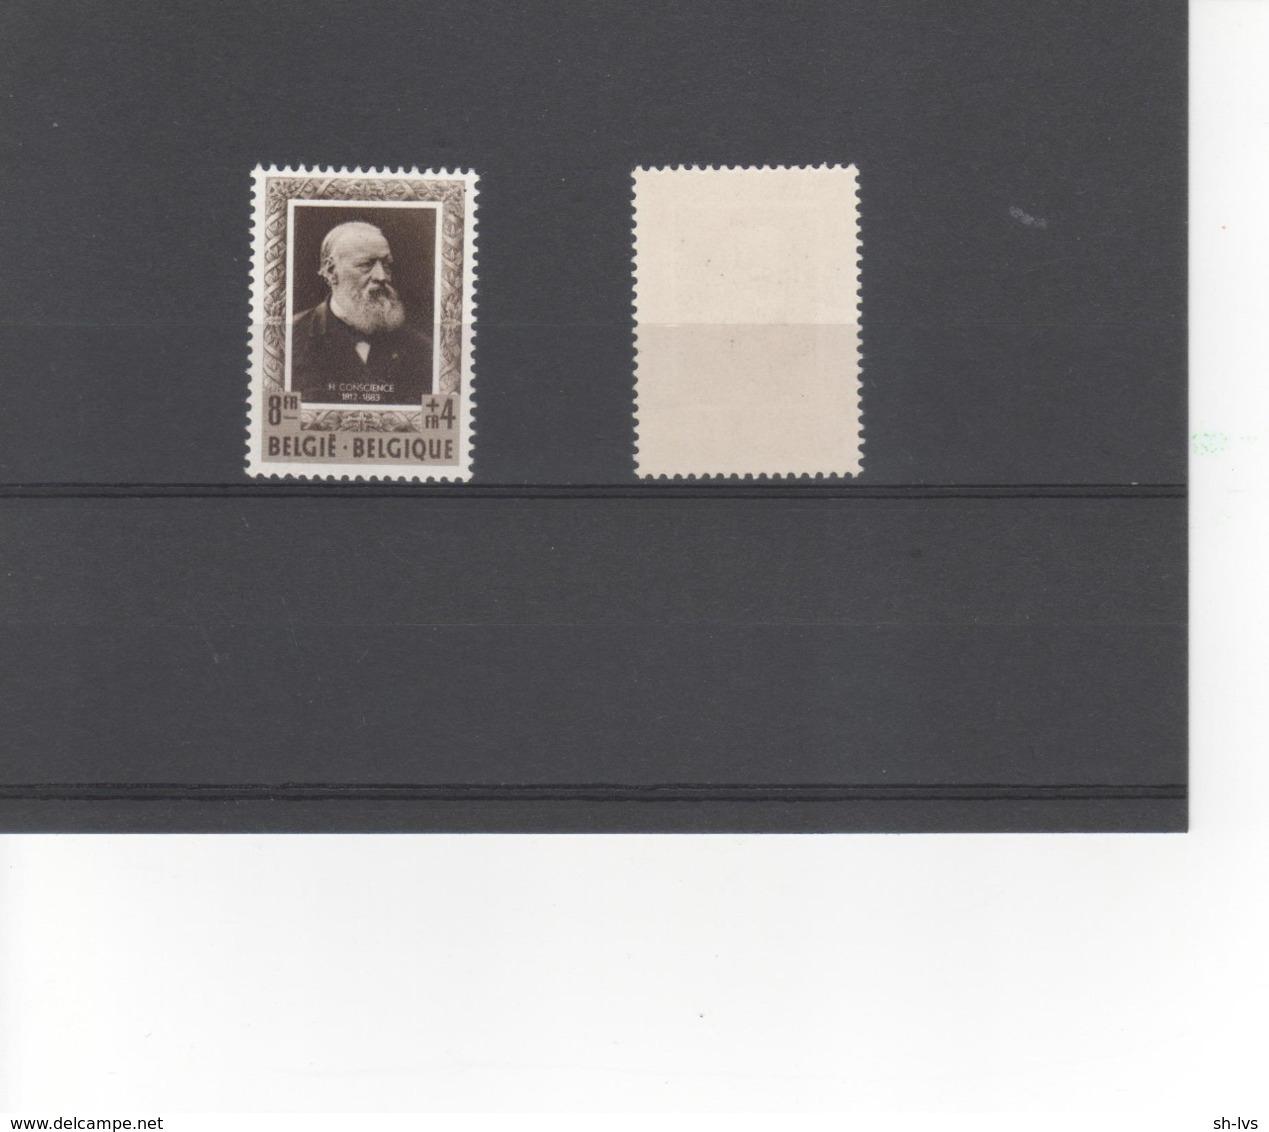 BELGIE - 1952 - CULTURELE UITGIFTE - LETTERKUNDIGEN - HENDRIK CONCIENCE - Unused Stamps